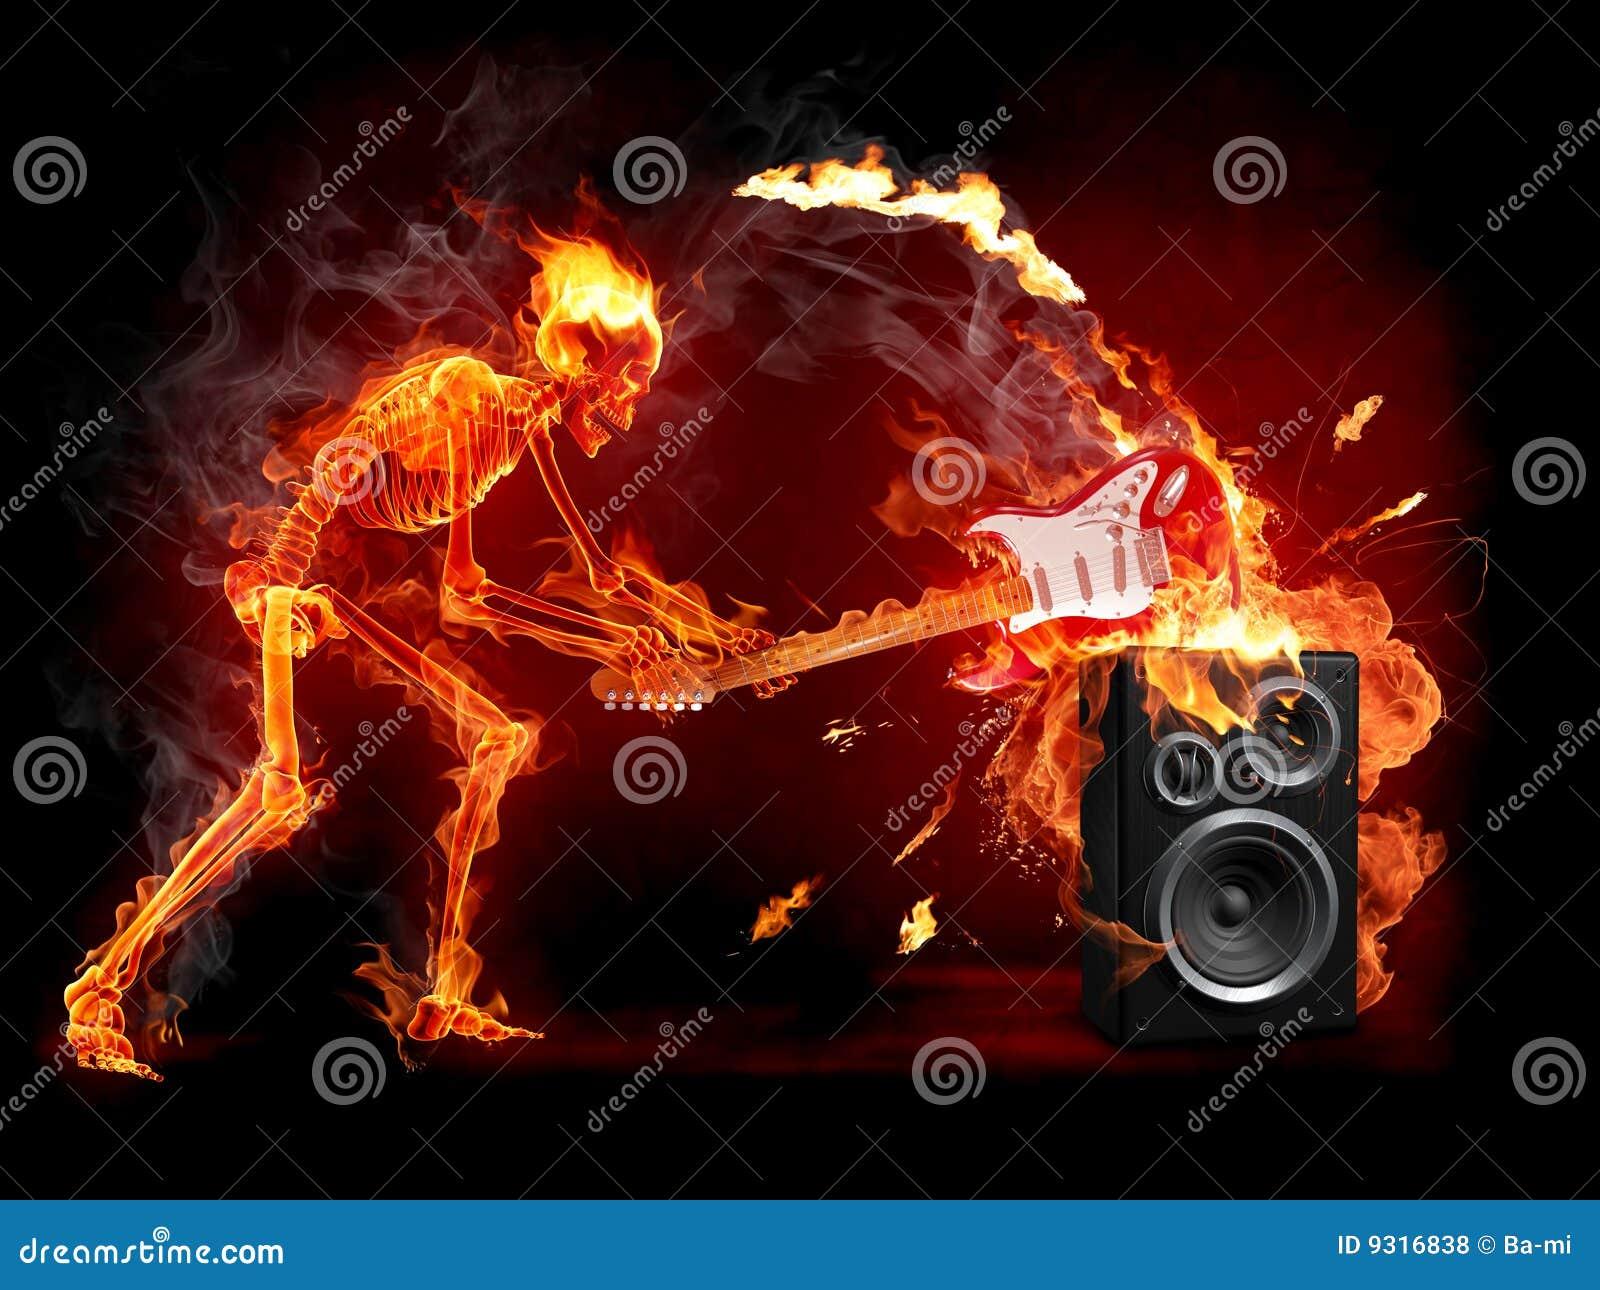 Crush guitar